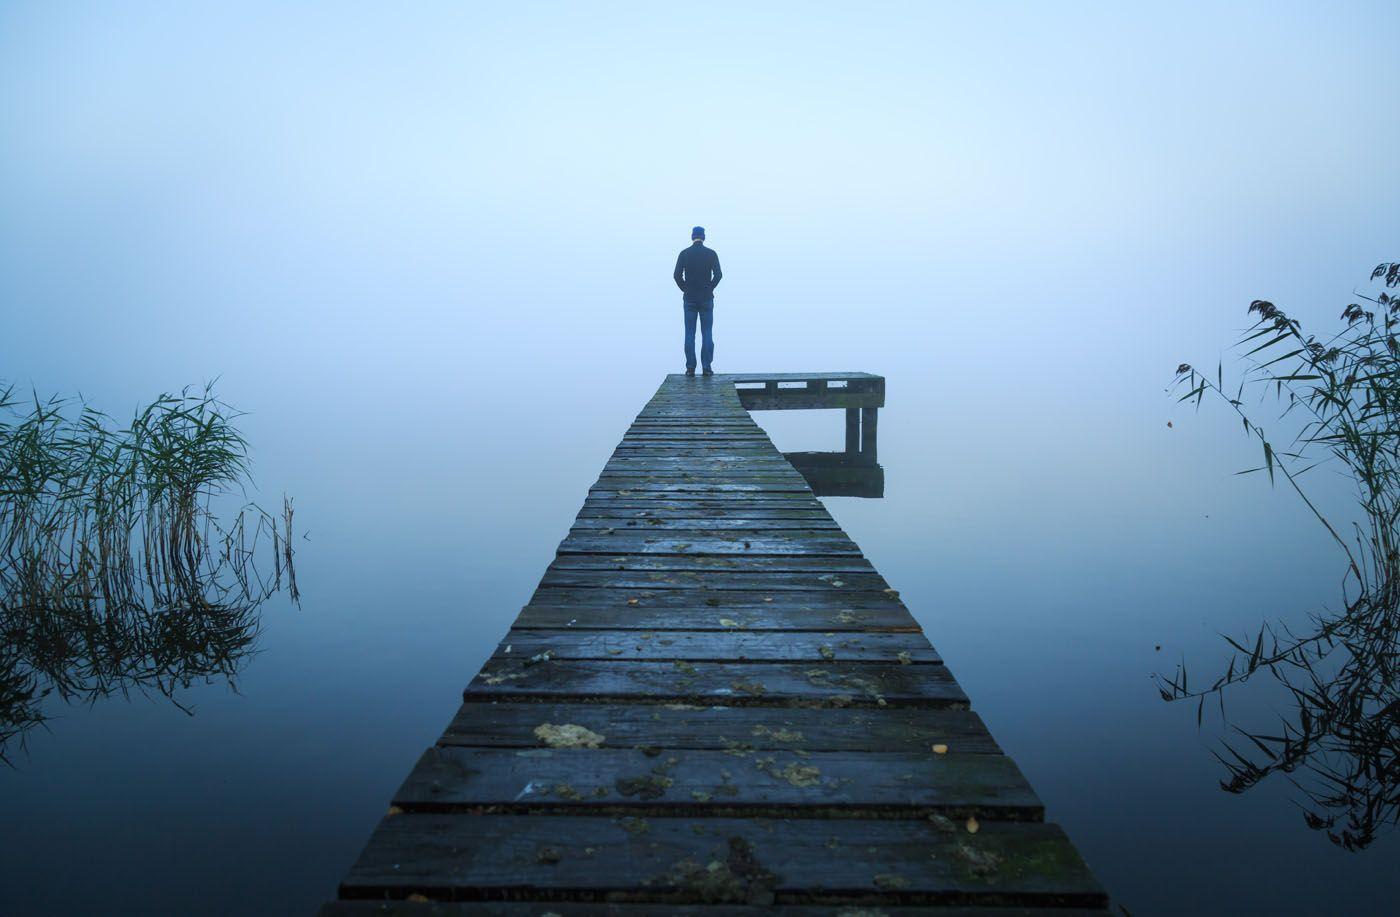 person på bro ved sø